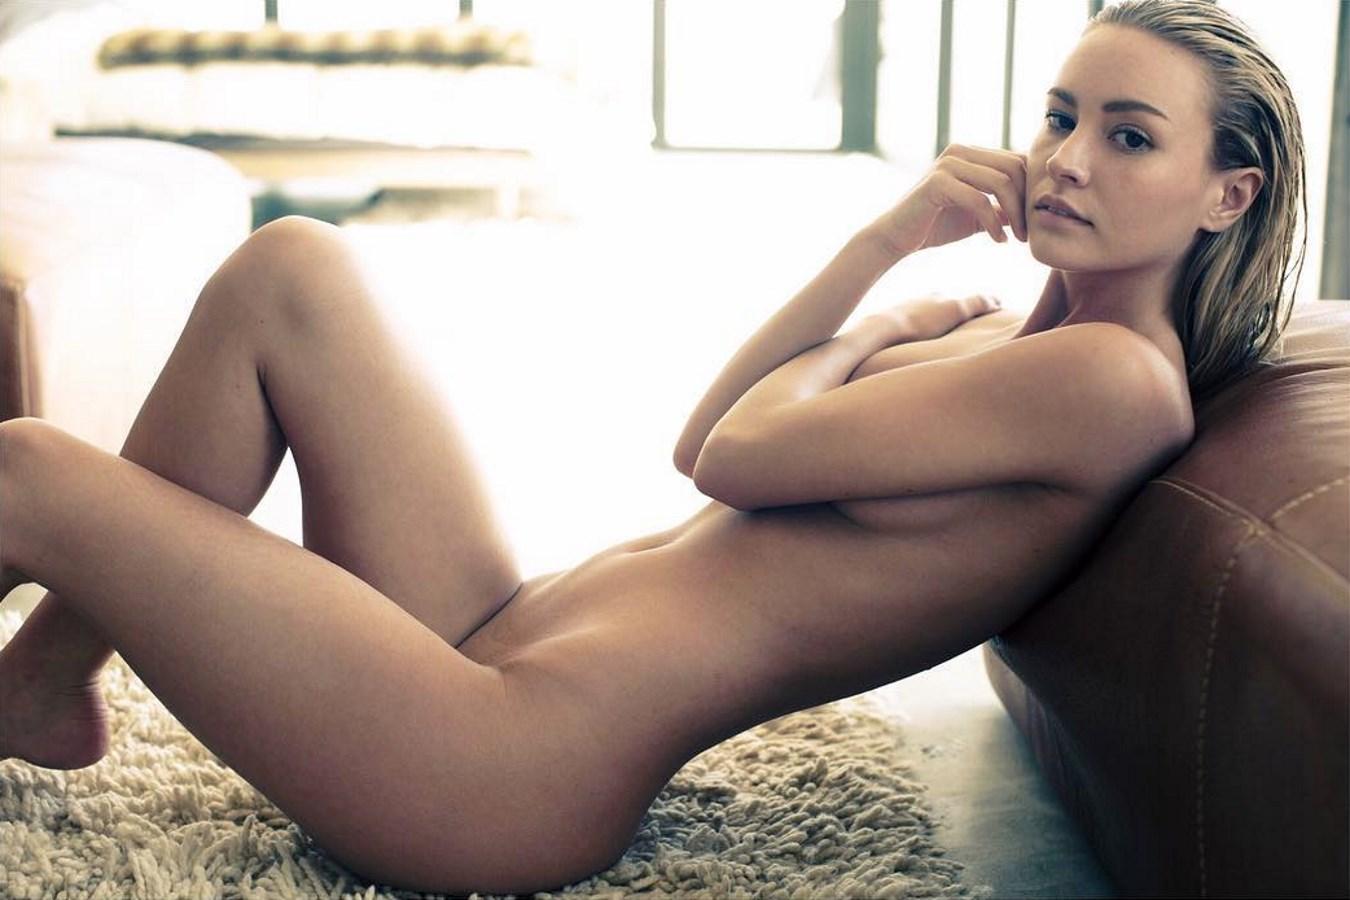 Instagram XXX Bryana Holly naked photo 2017